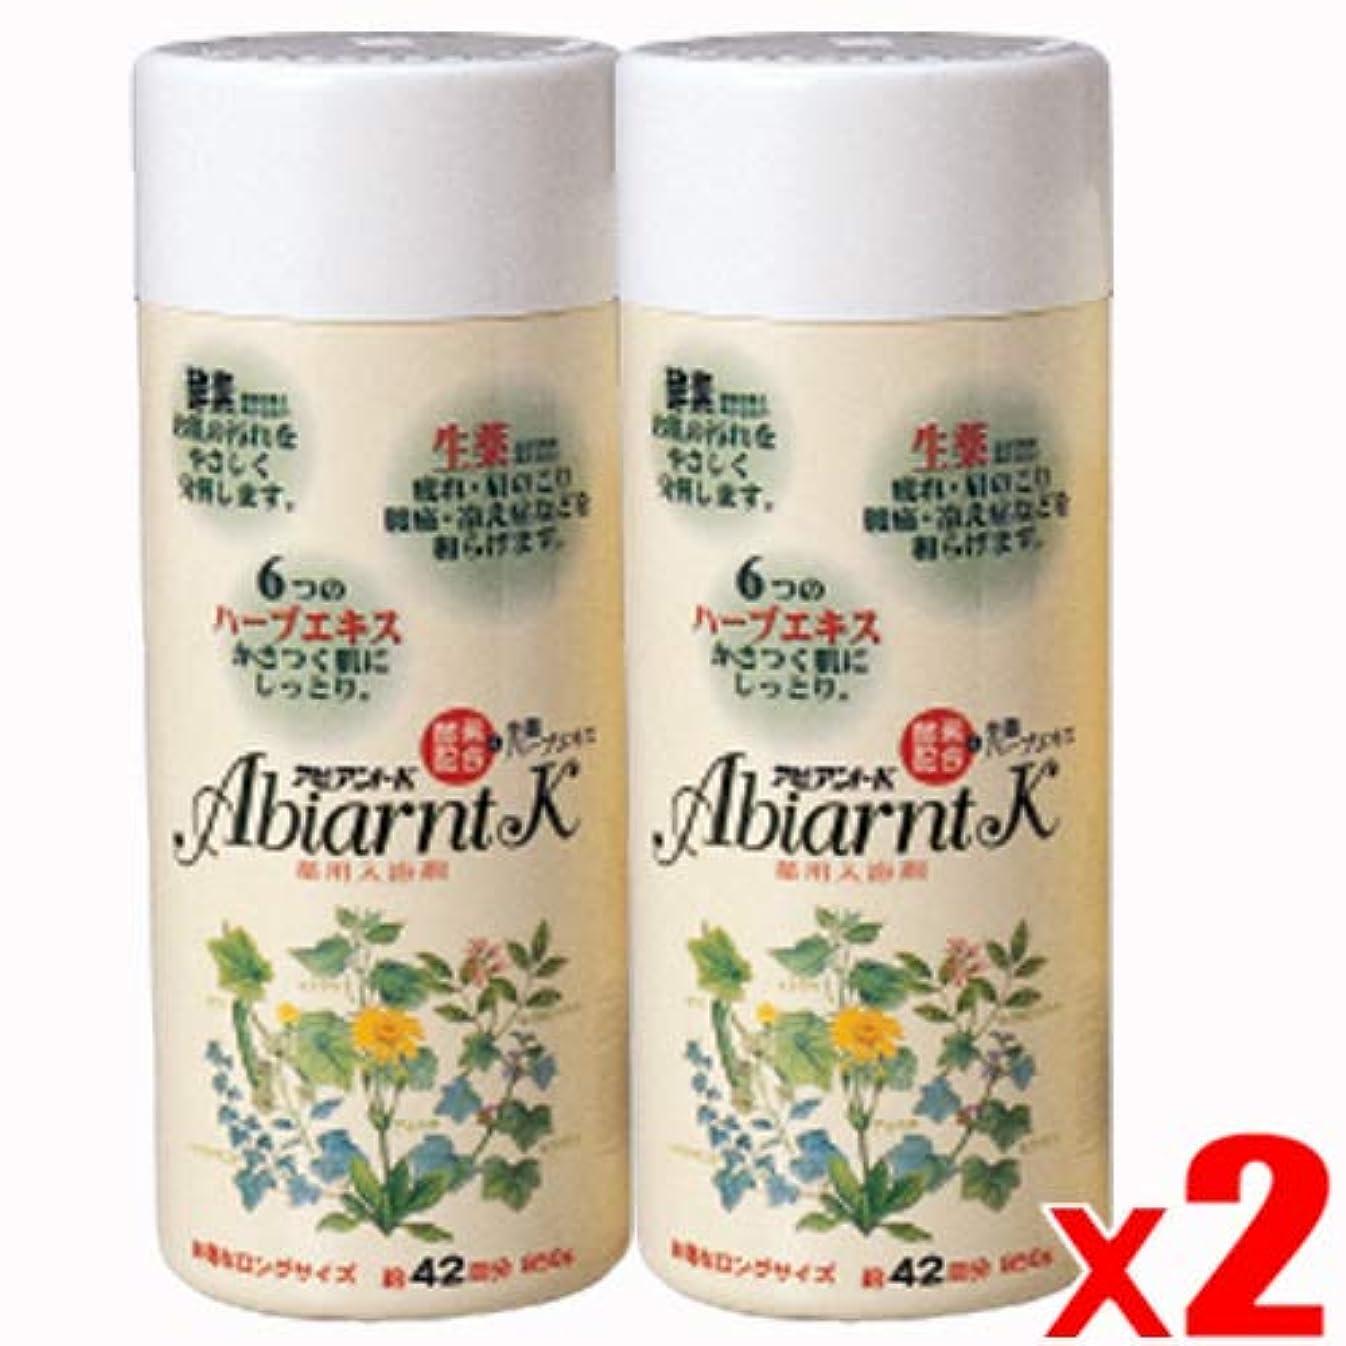 【2本】アビアントK 薬用入浴剤 850gx2本 (4987235024123-2)